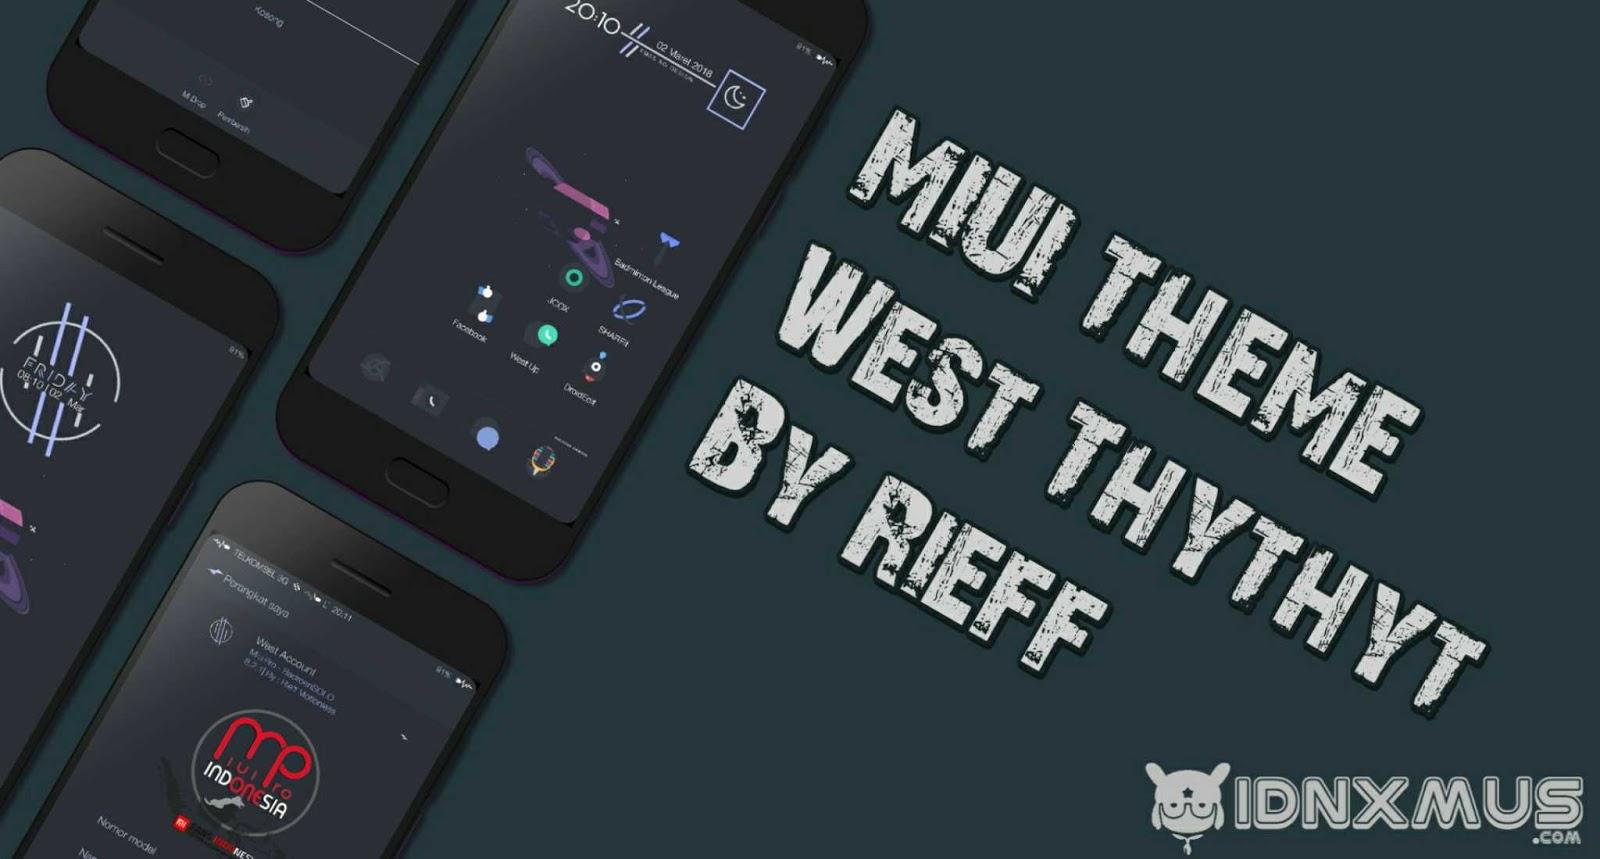 MIUI Theme West Thythyt